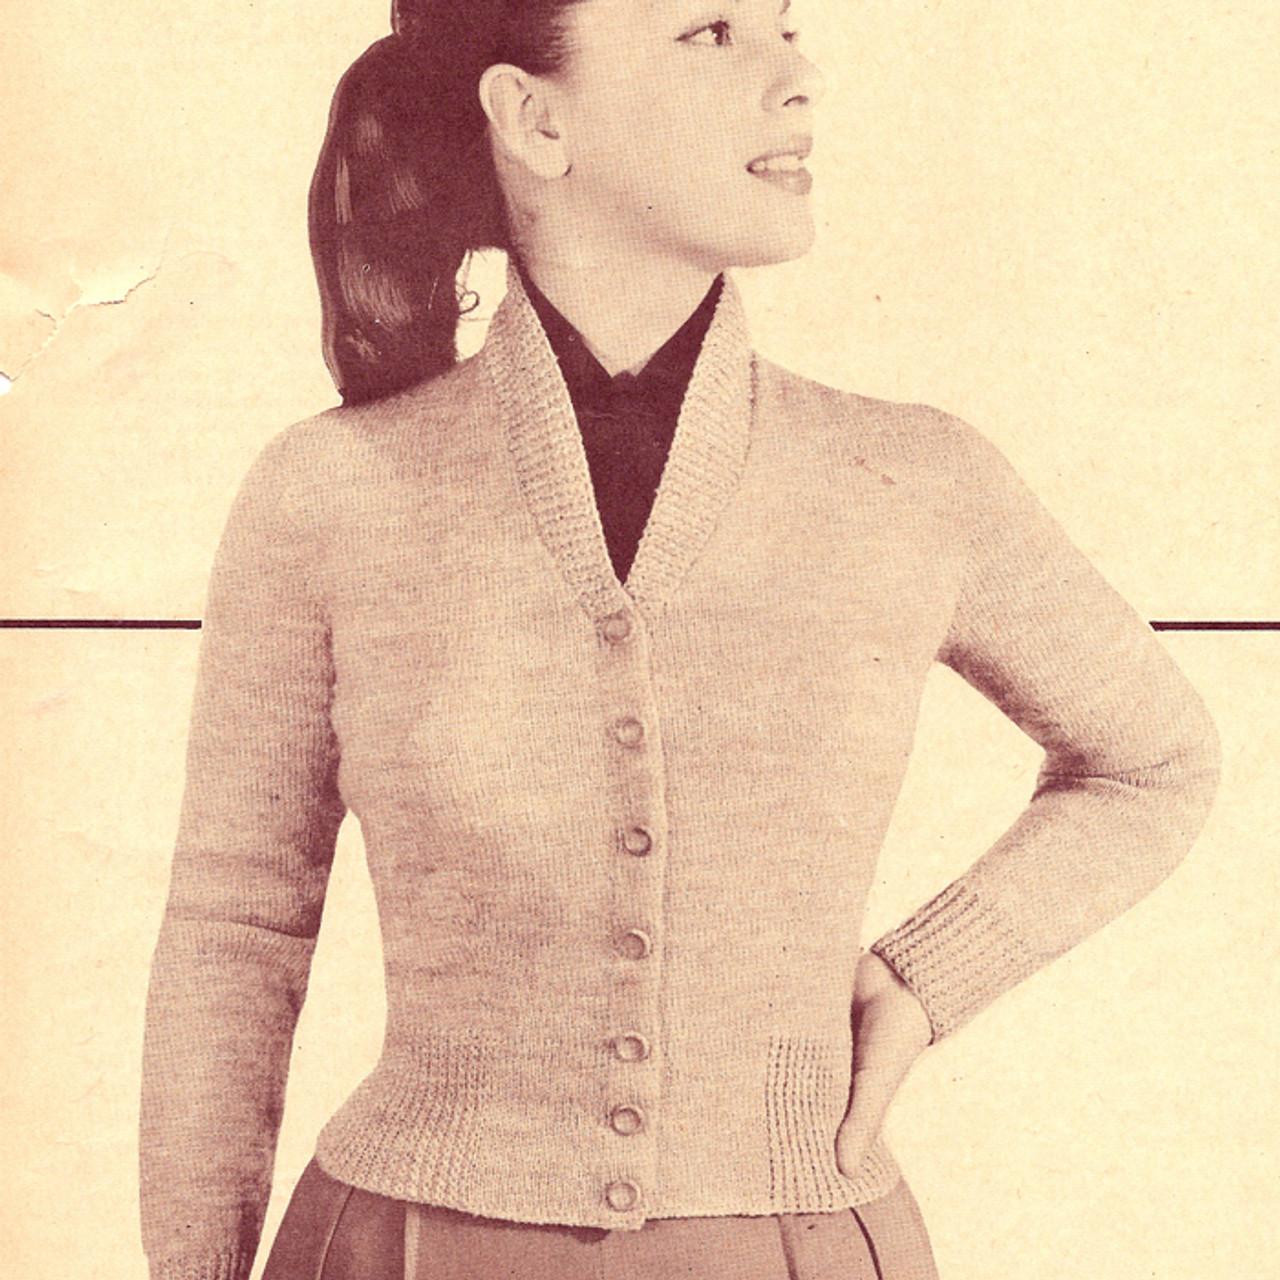 Milanese Cardigan Knitting pattern